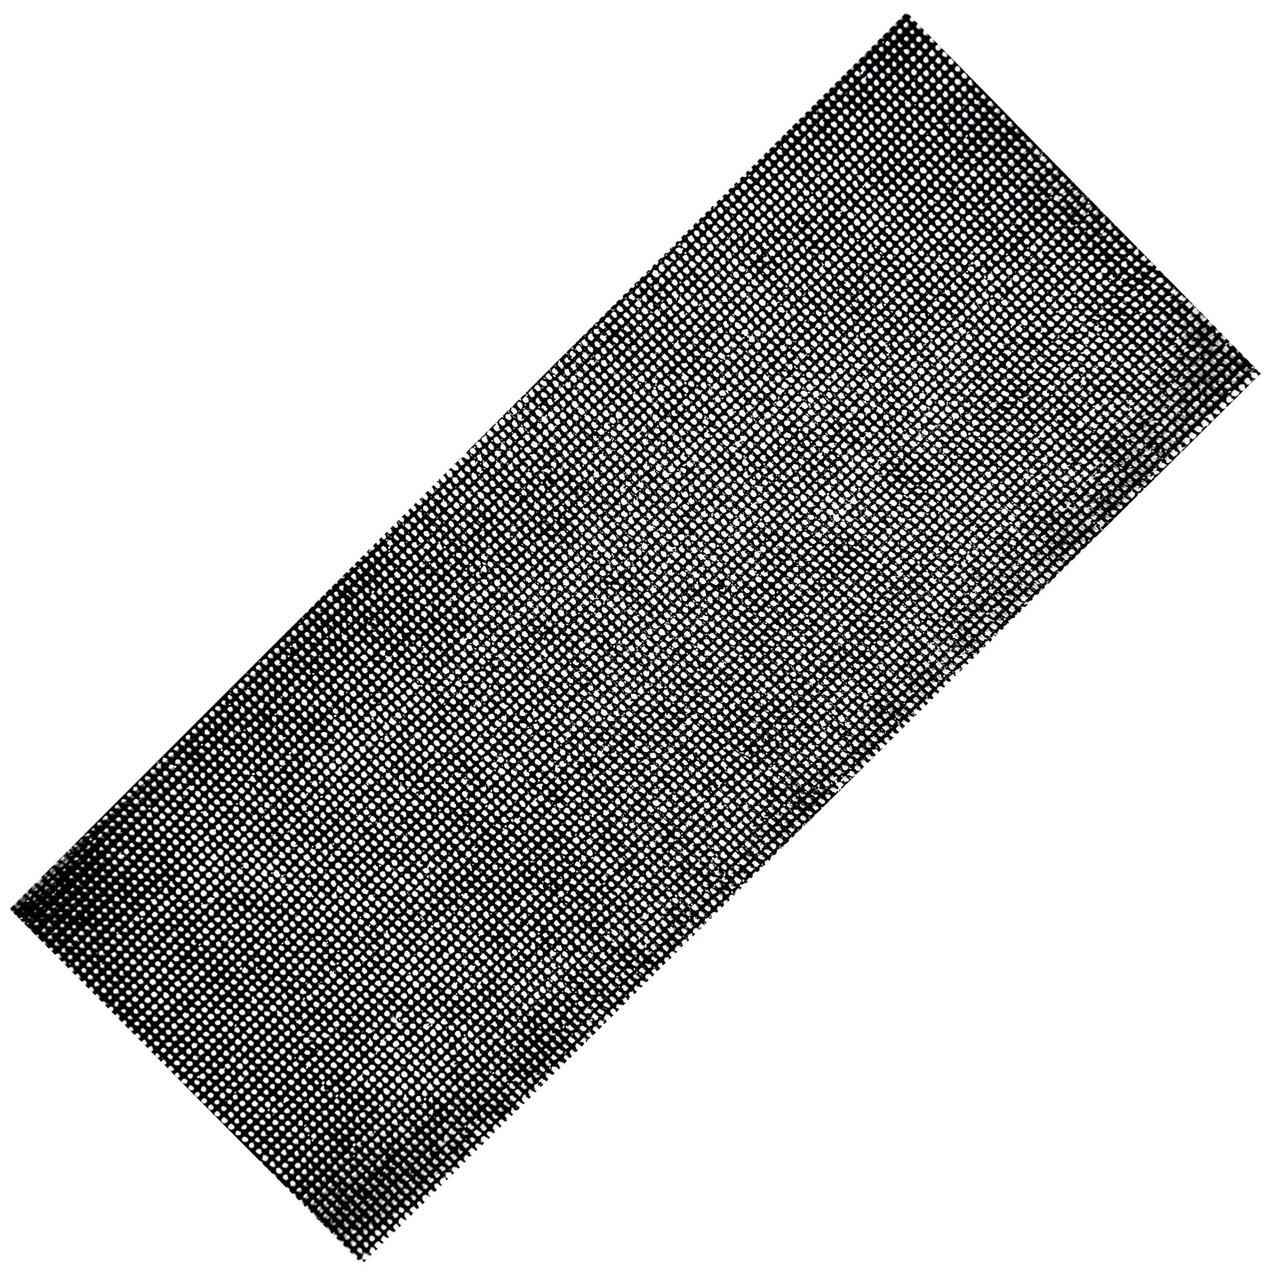 Сітка шліфувальна Spitce 115 х 280 мм Р120 5 листів (18-729)